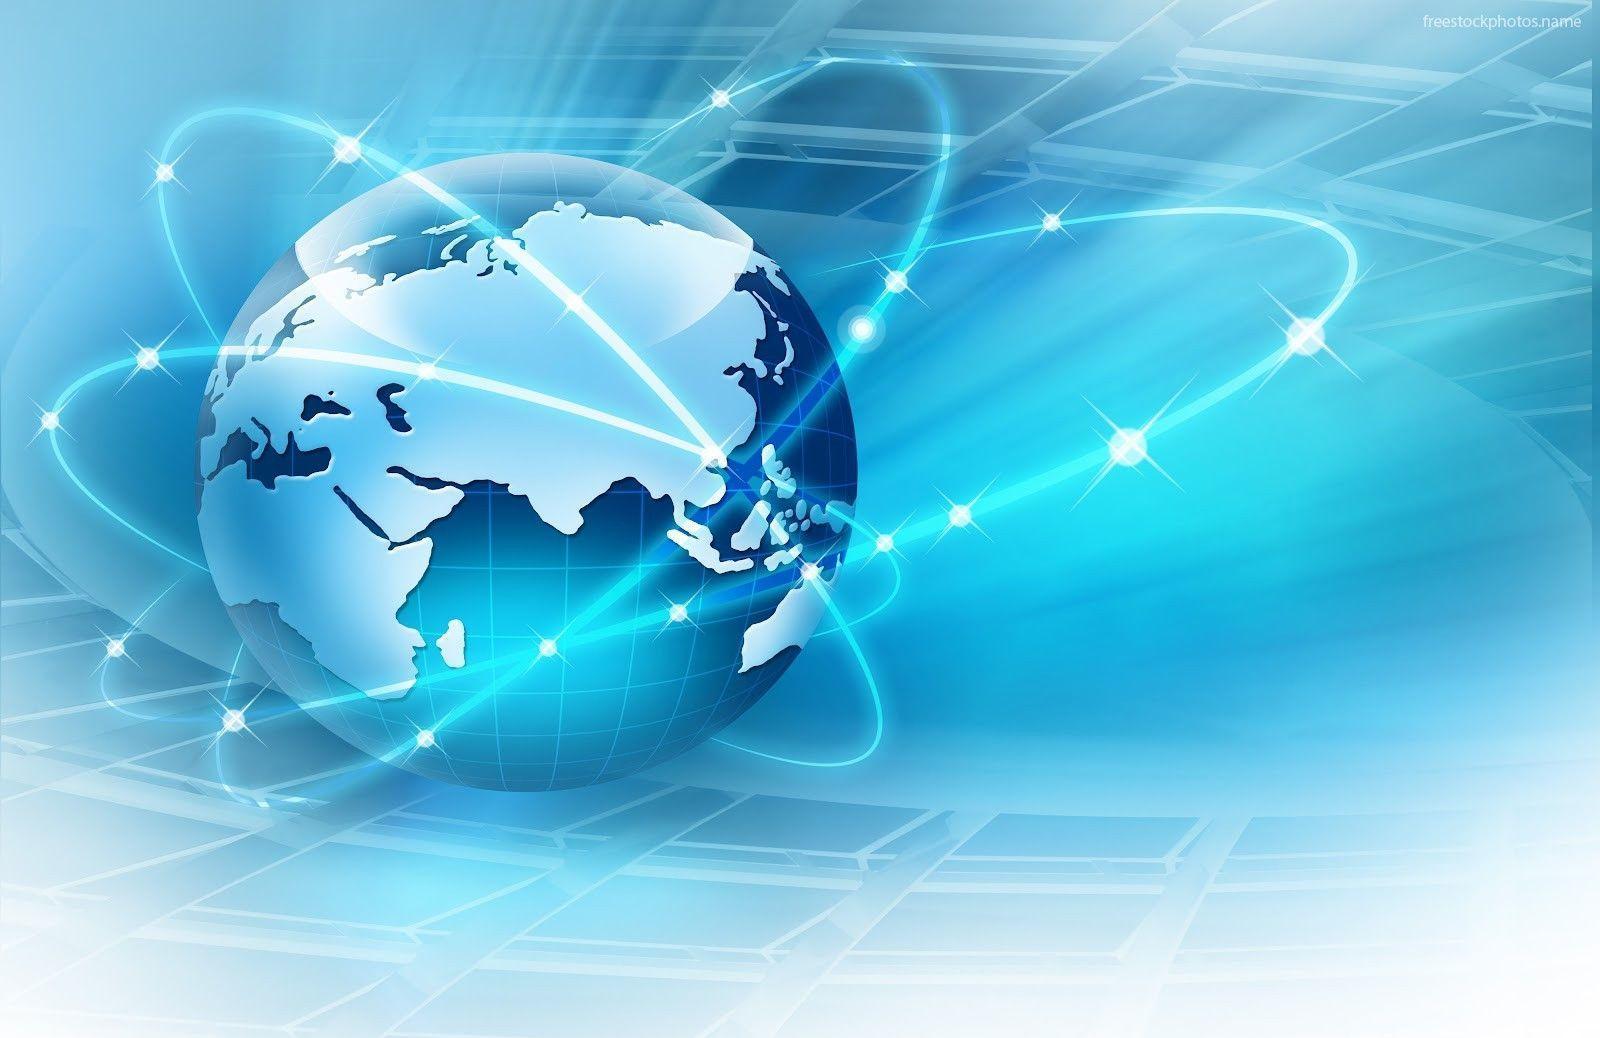 دلیل افت سرعت بستههای اینترنت هدیه ۱۰۰ گیگابایتی چیست؟